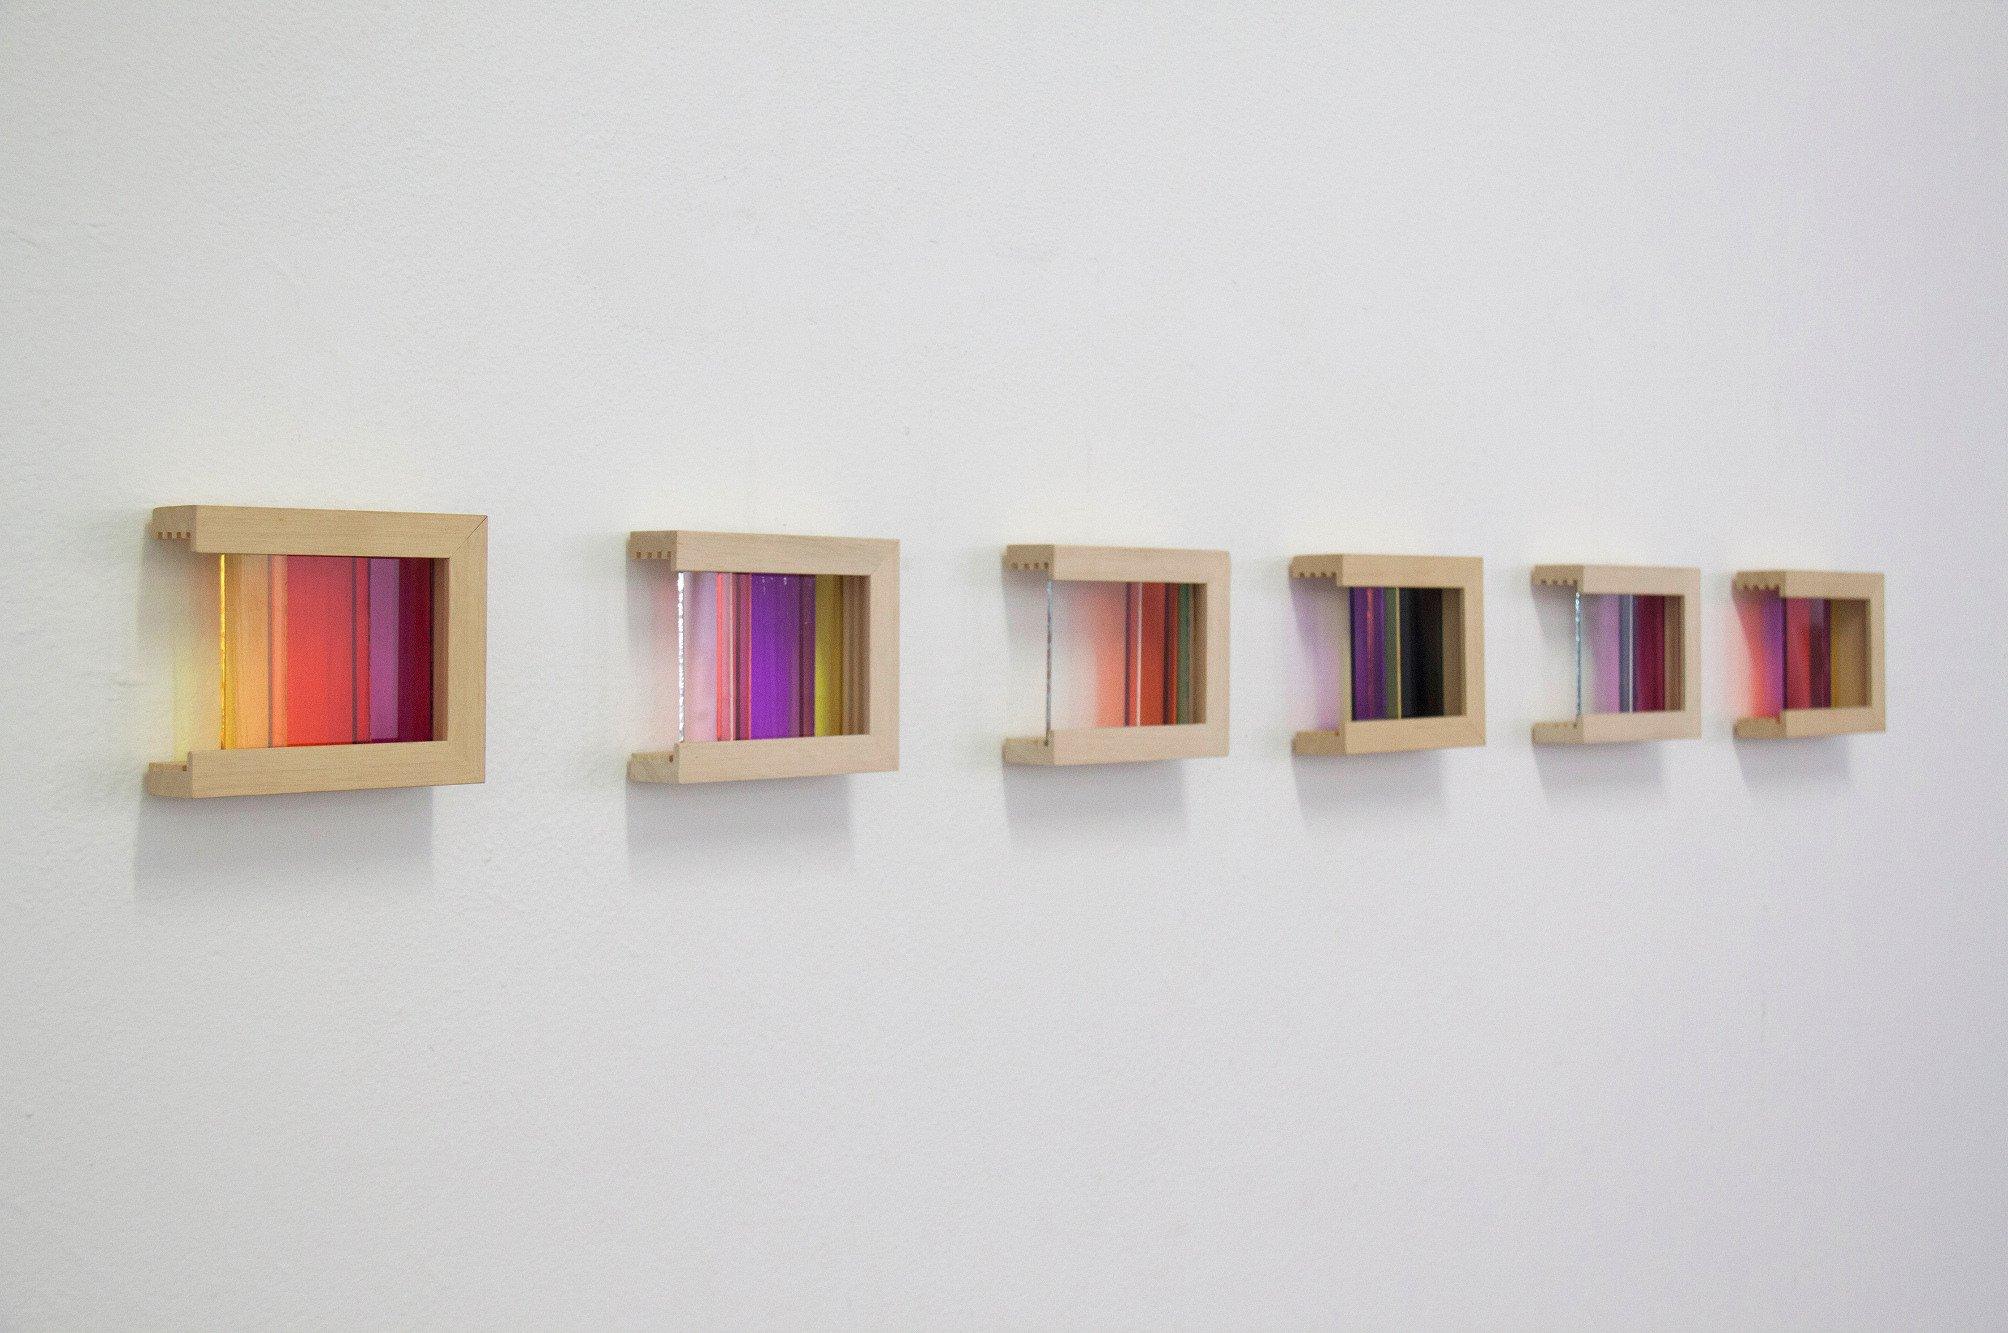 Mostra biennale d arte contemporanea giovane creazione for Piccoli progetti di casa contemporanea